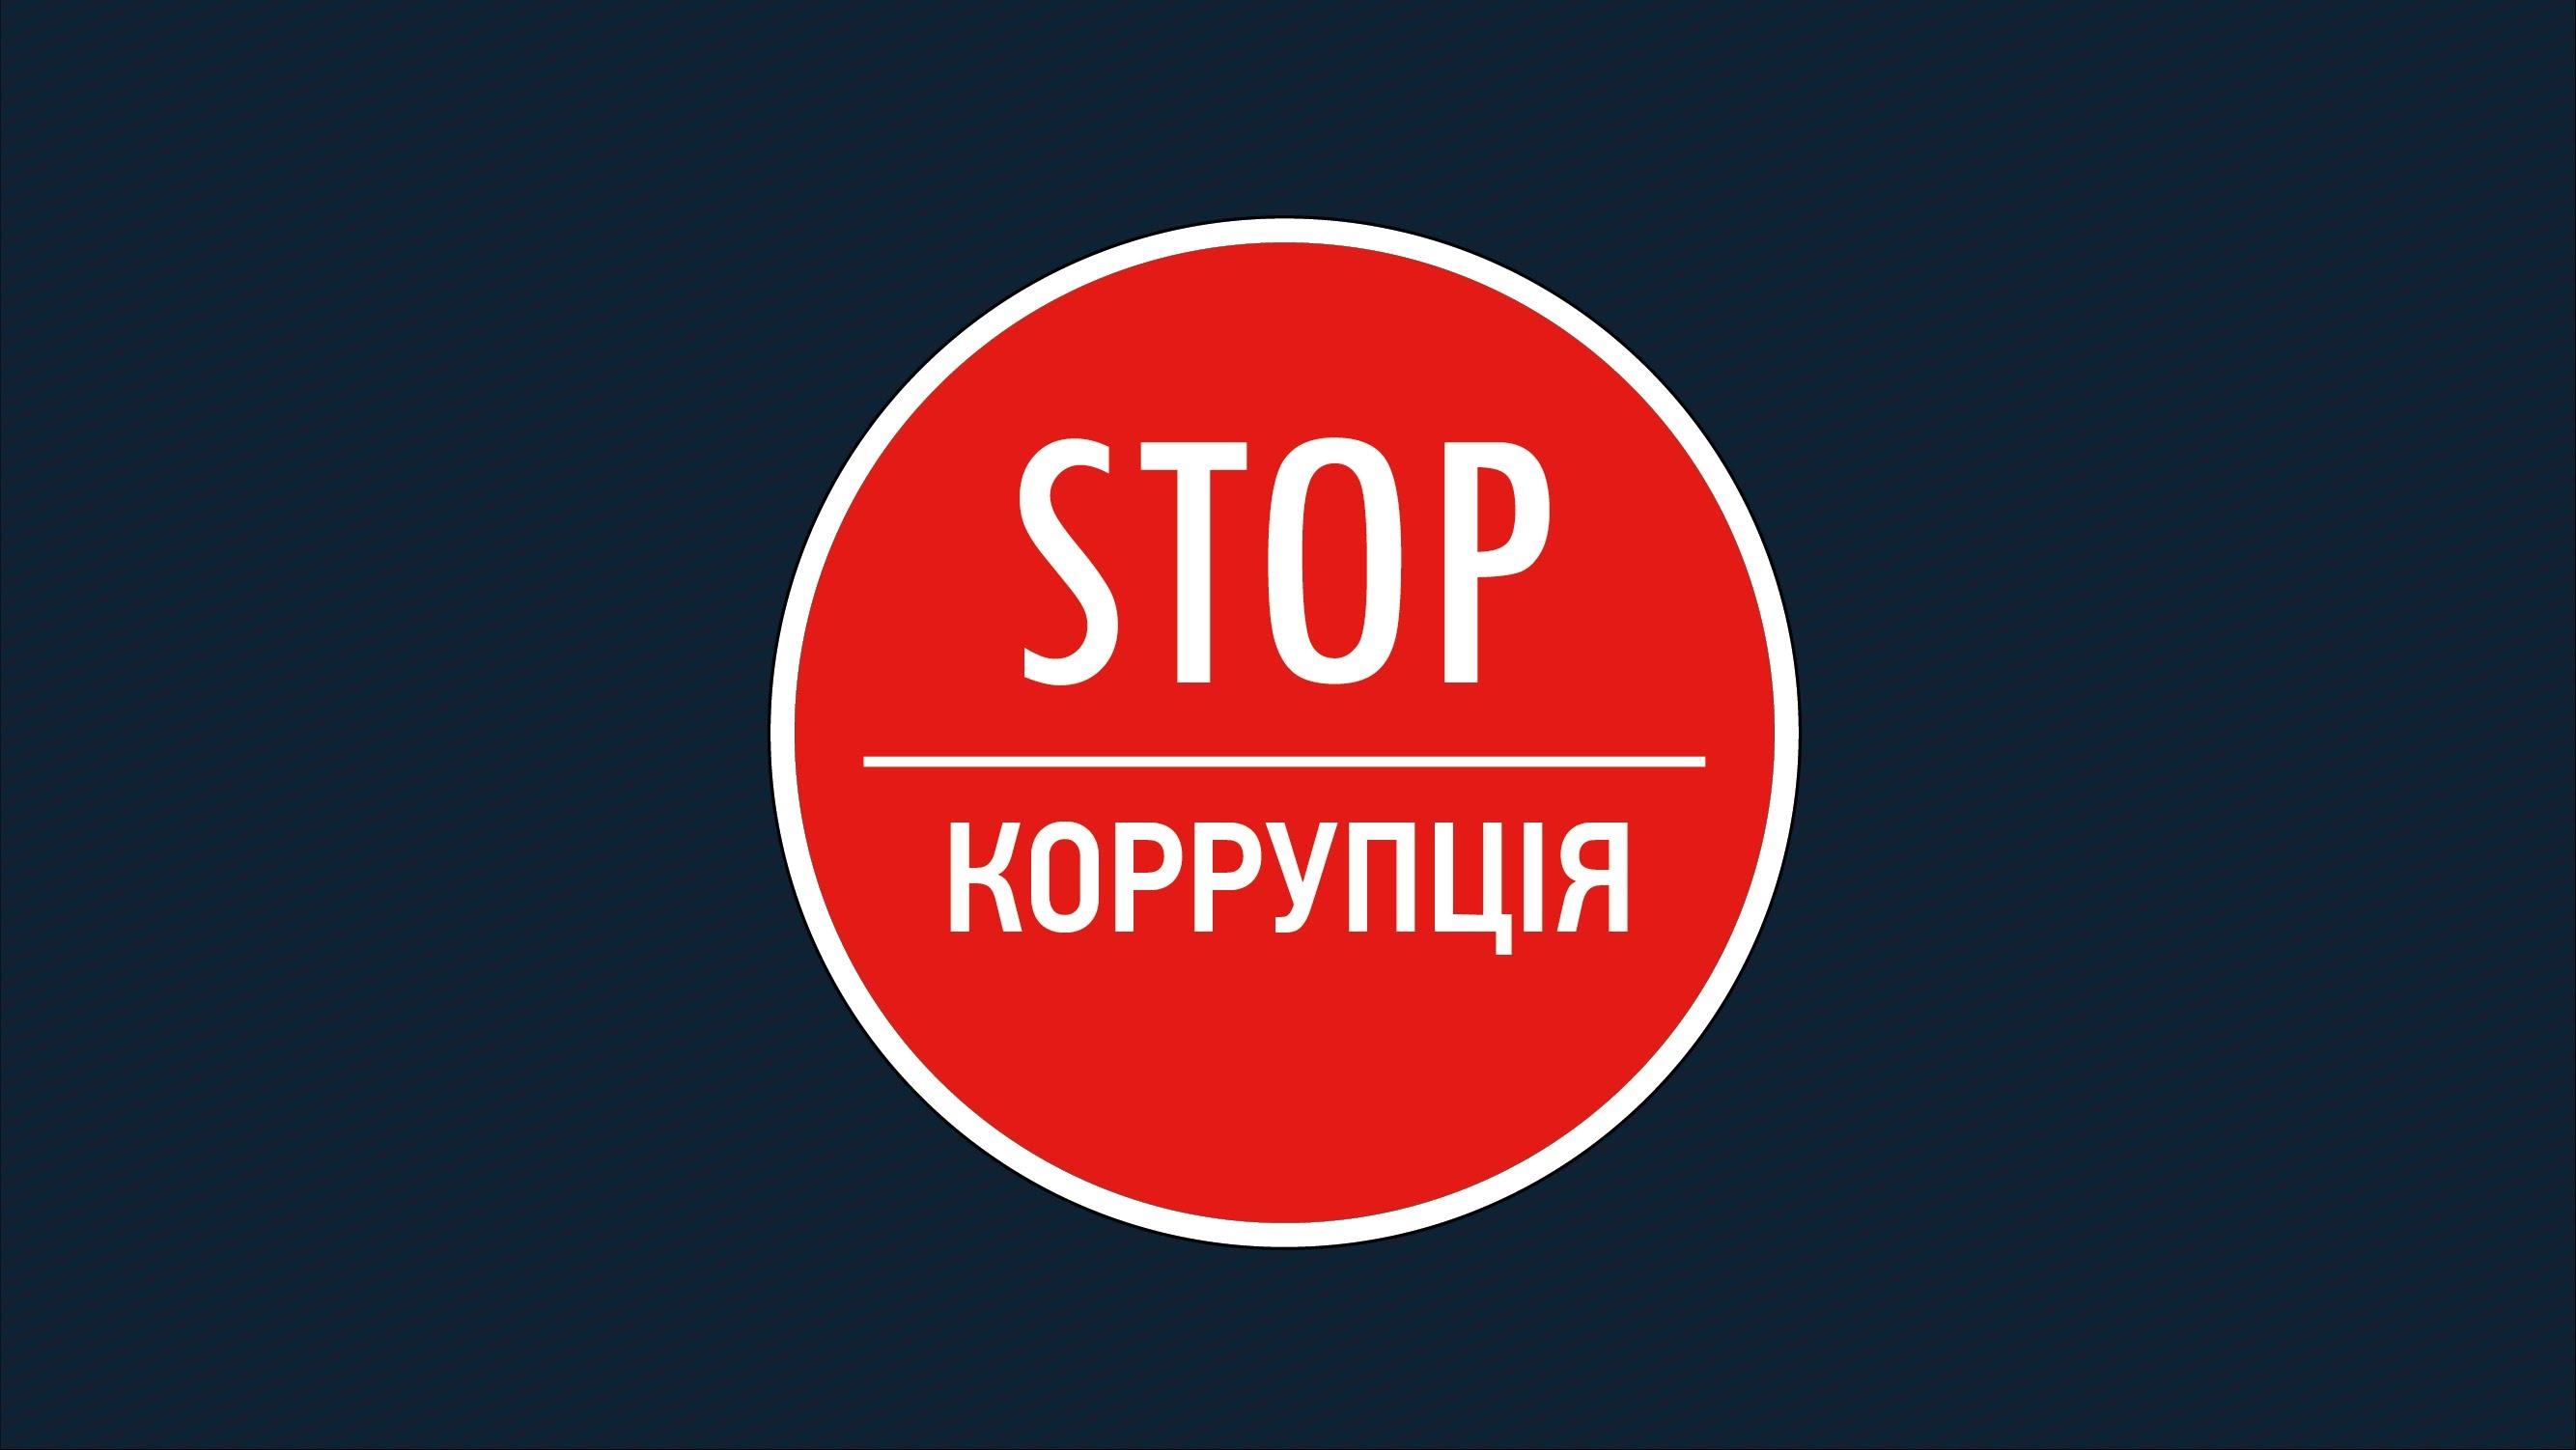 На Київщині прокуратура відкрила кримінальне провадження за фактом побиття журналіста «СтопКору»